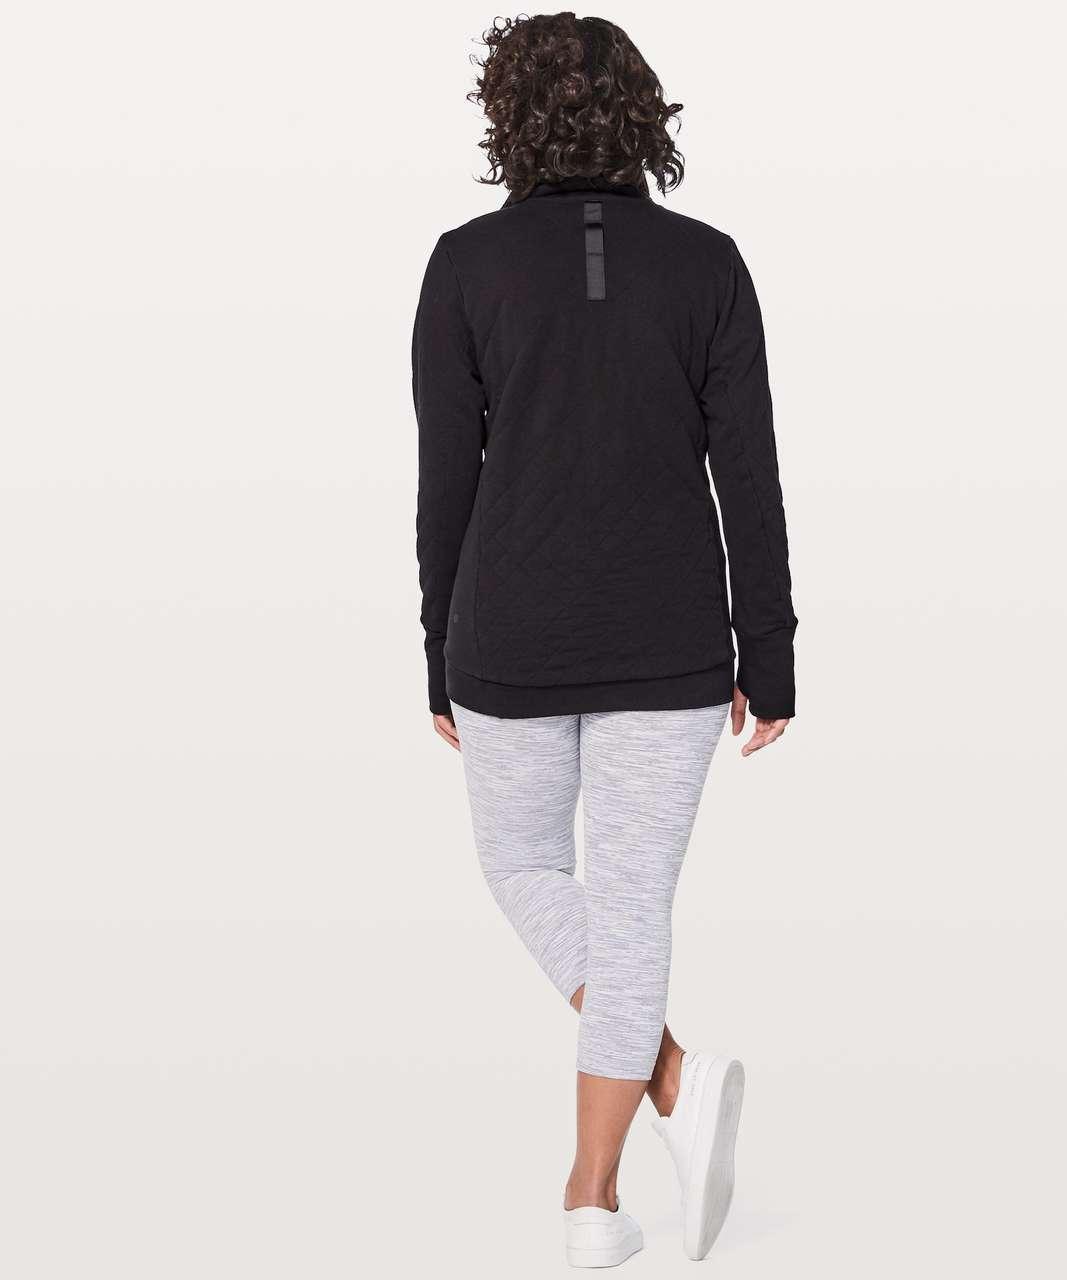 the best attitude 36e5c 8331b Lululemon Forever Warm Pullover - Black